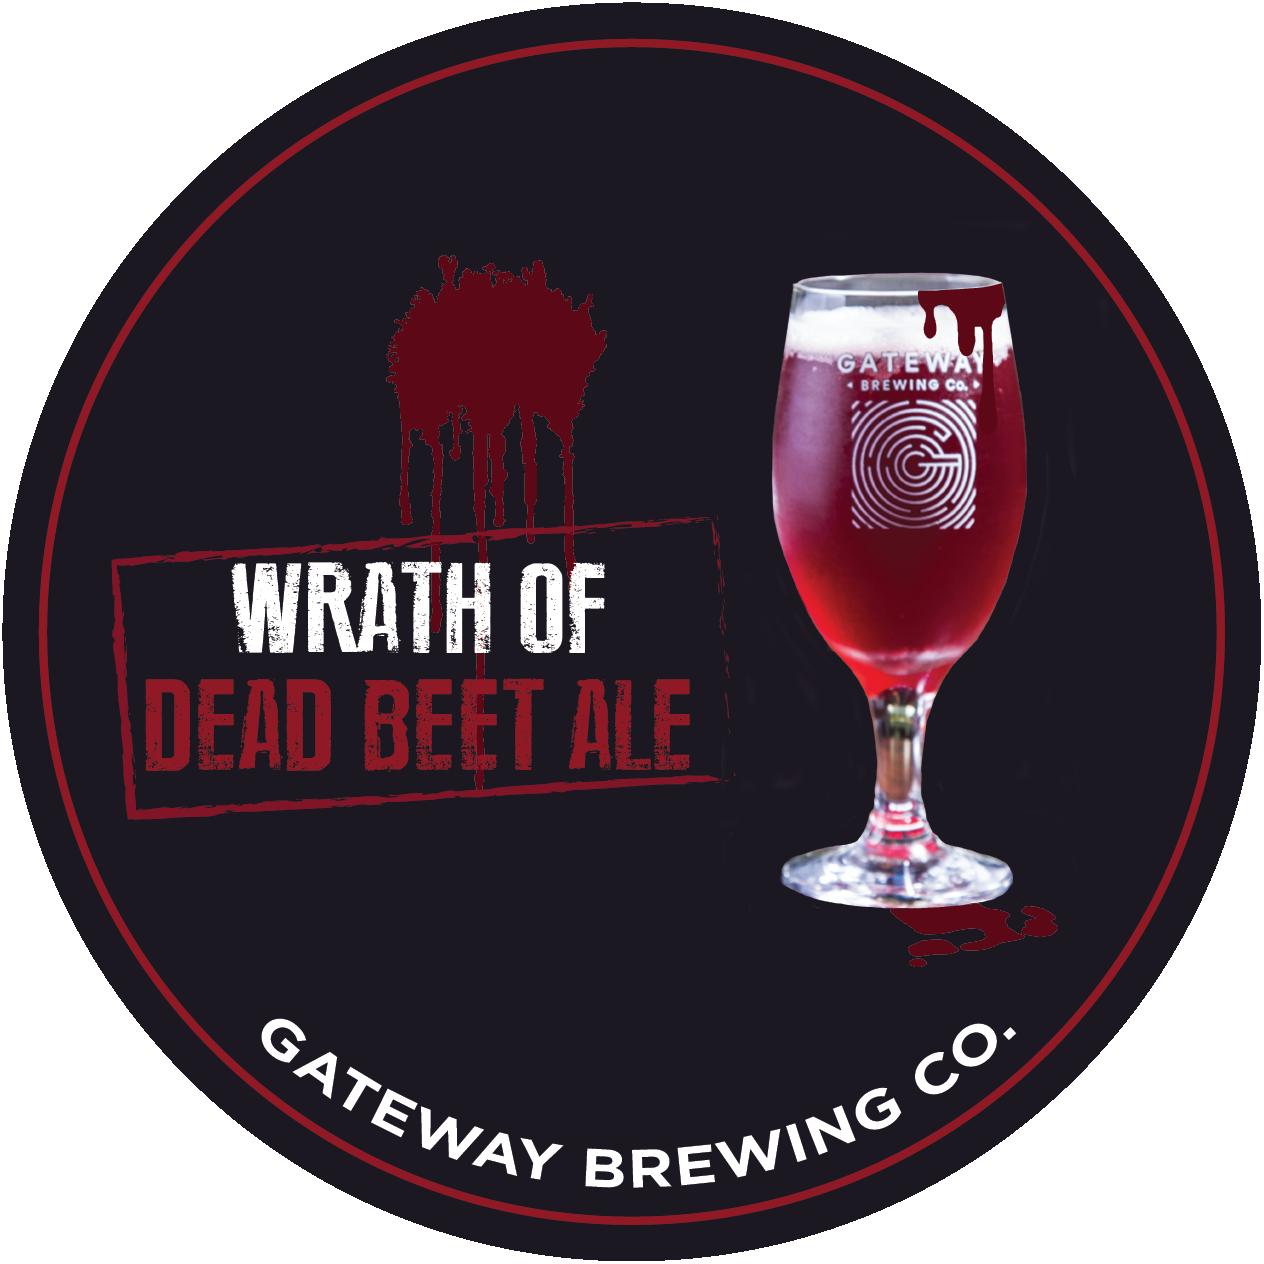 Dead Beet Ale